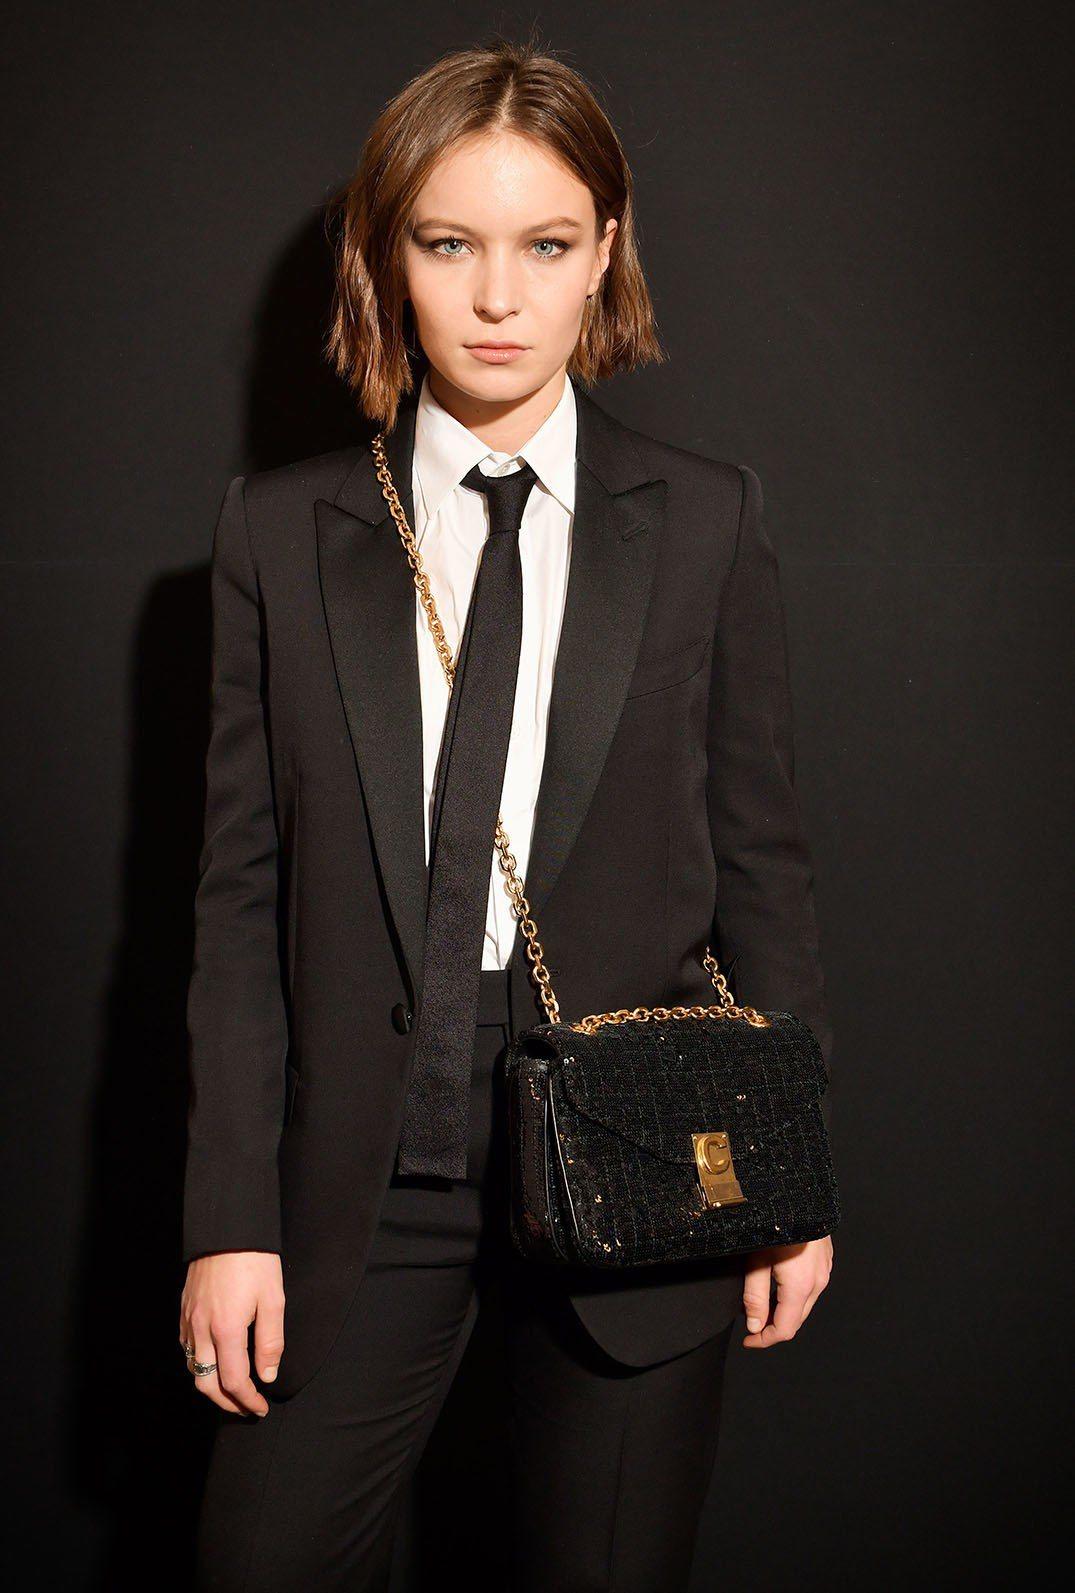 法國演員黛安露賽爾以男孩風的穿搭演繹C Bag超亮眼。圖/CELINE BY H...